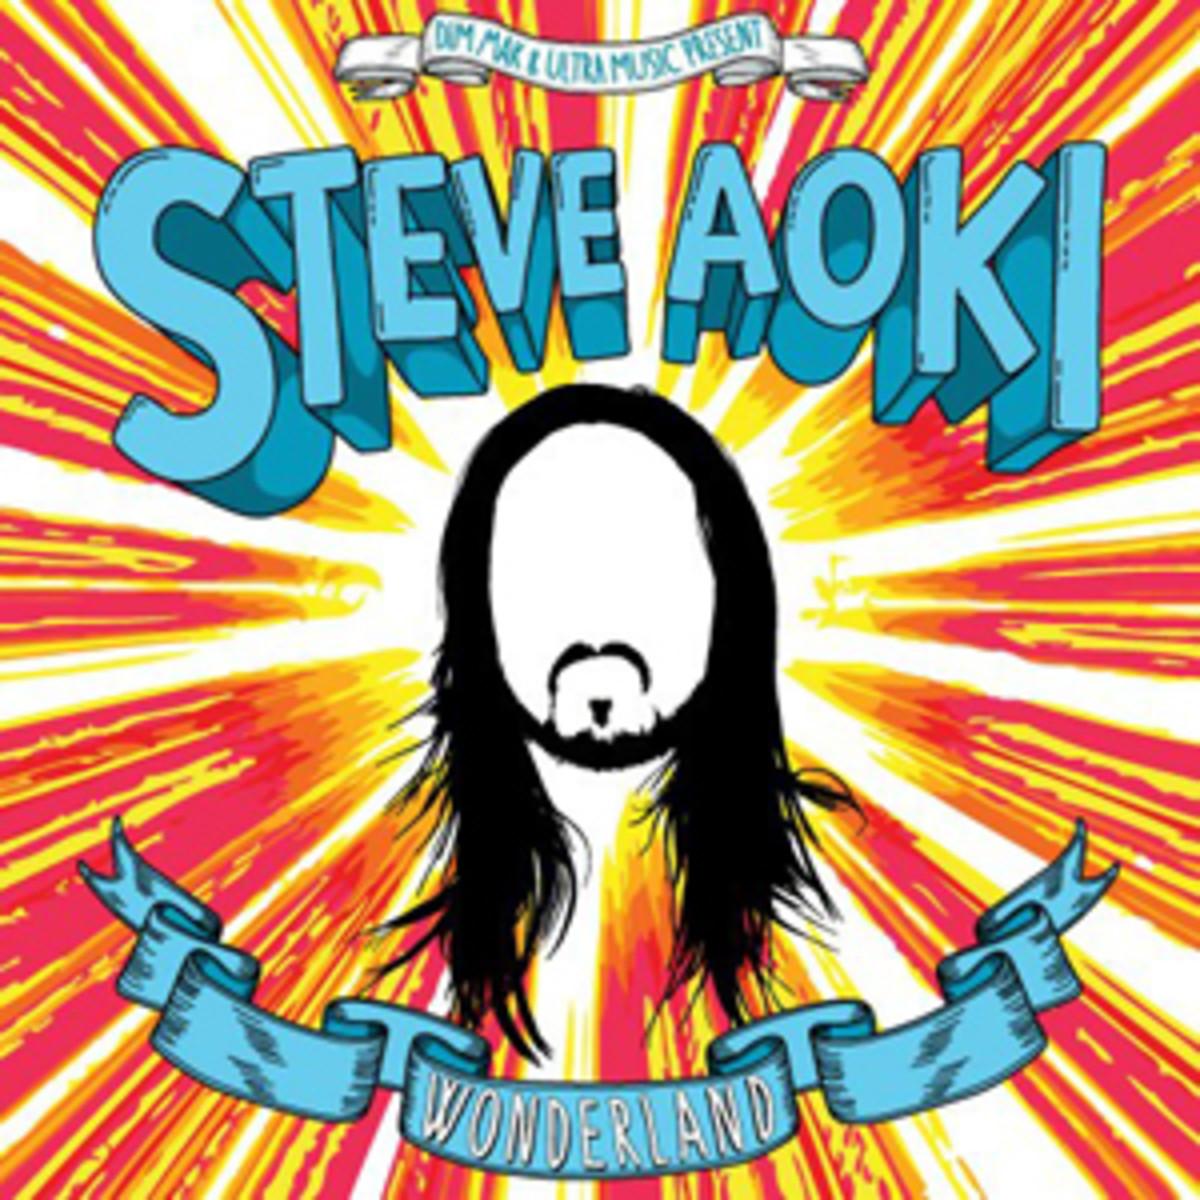 SteveAokiWonderland